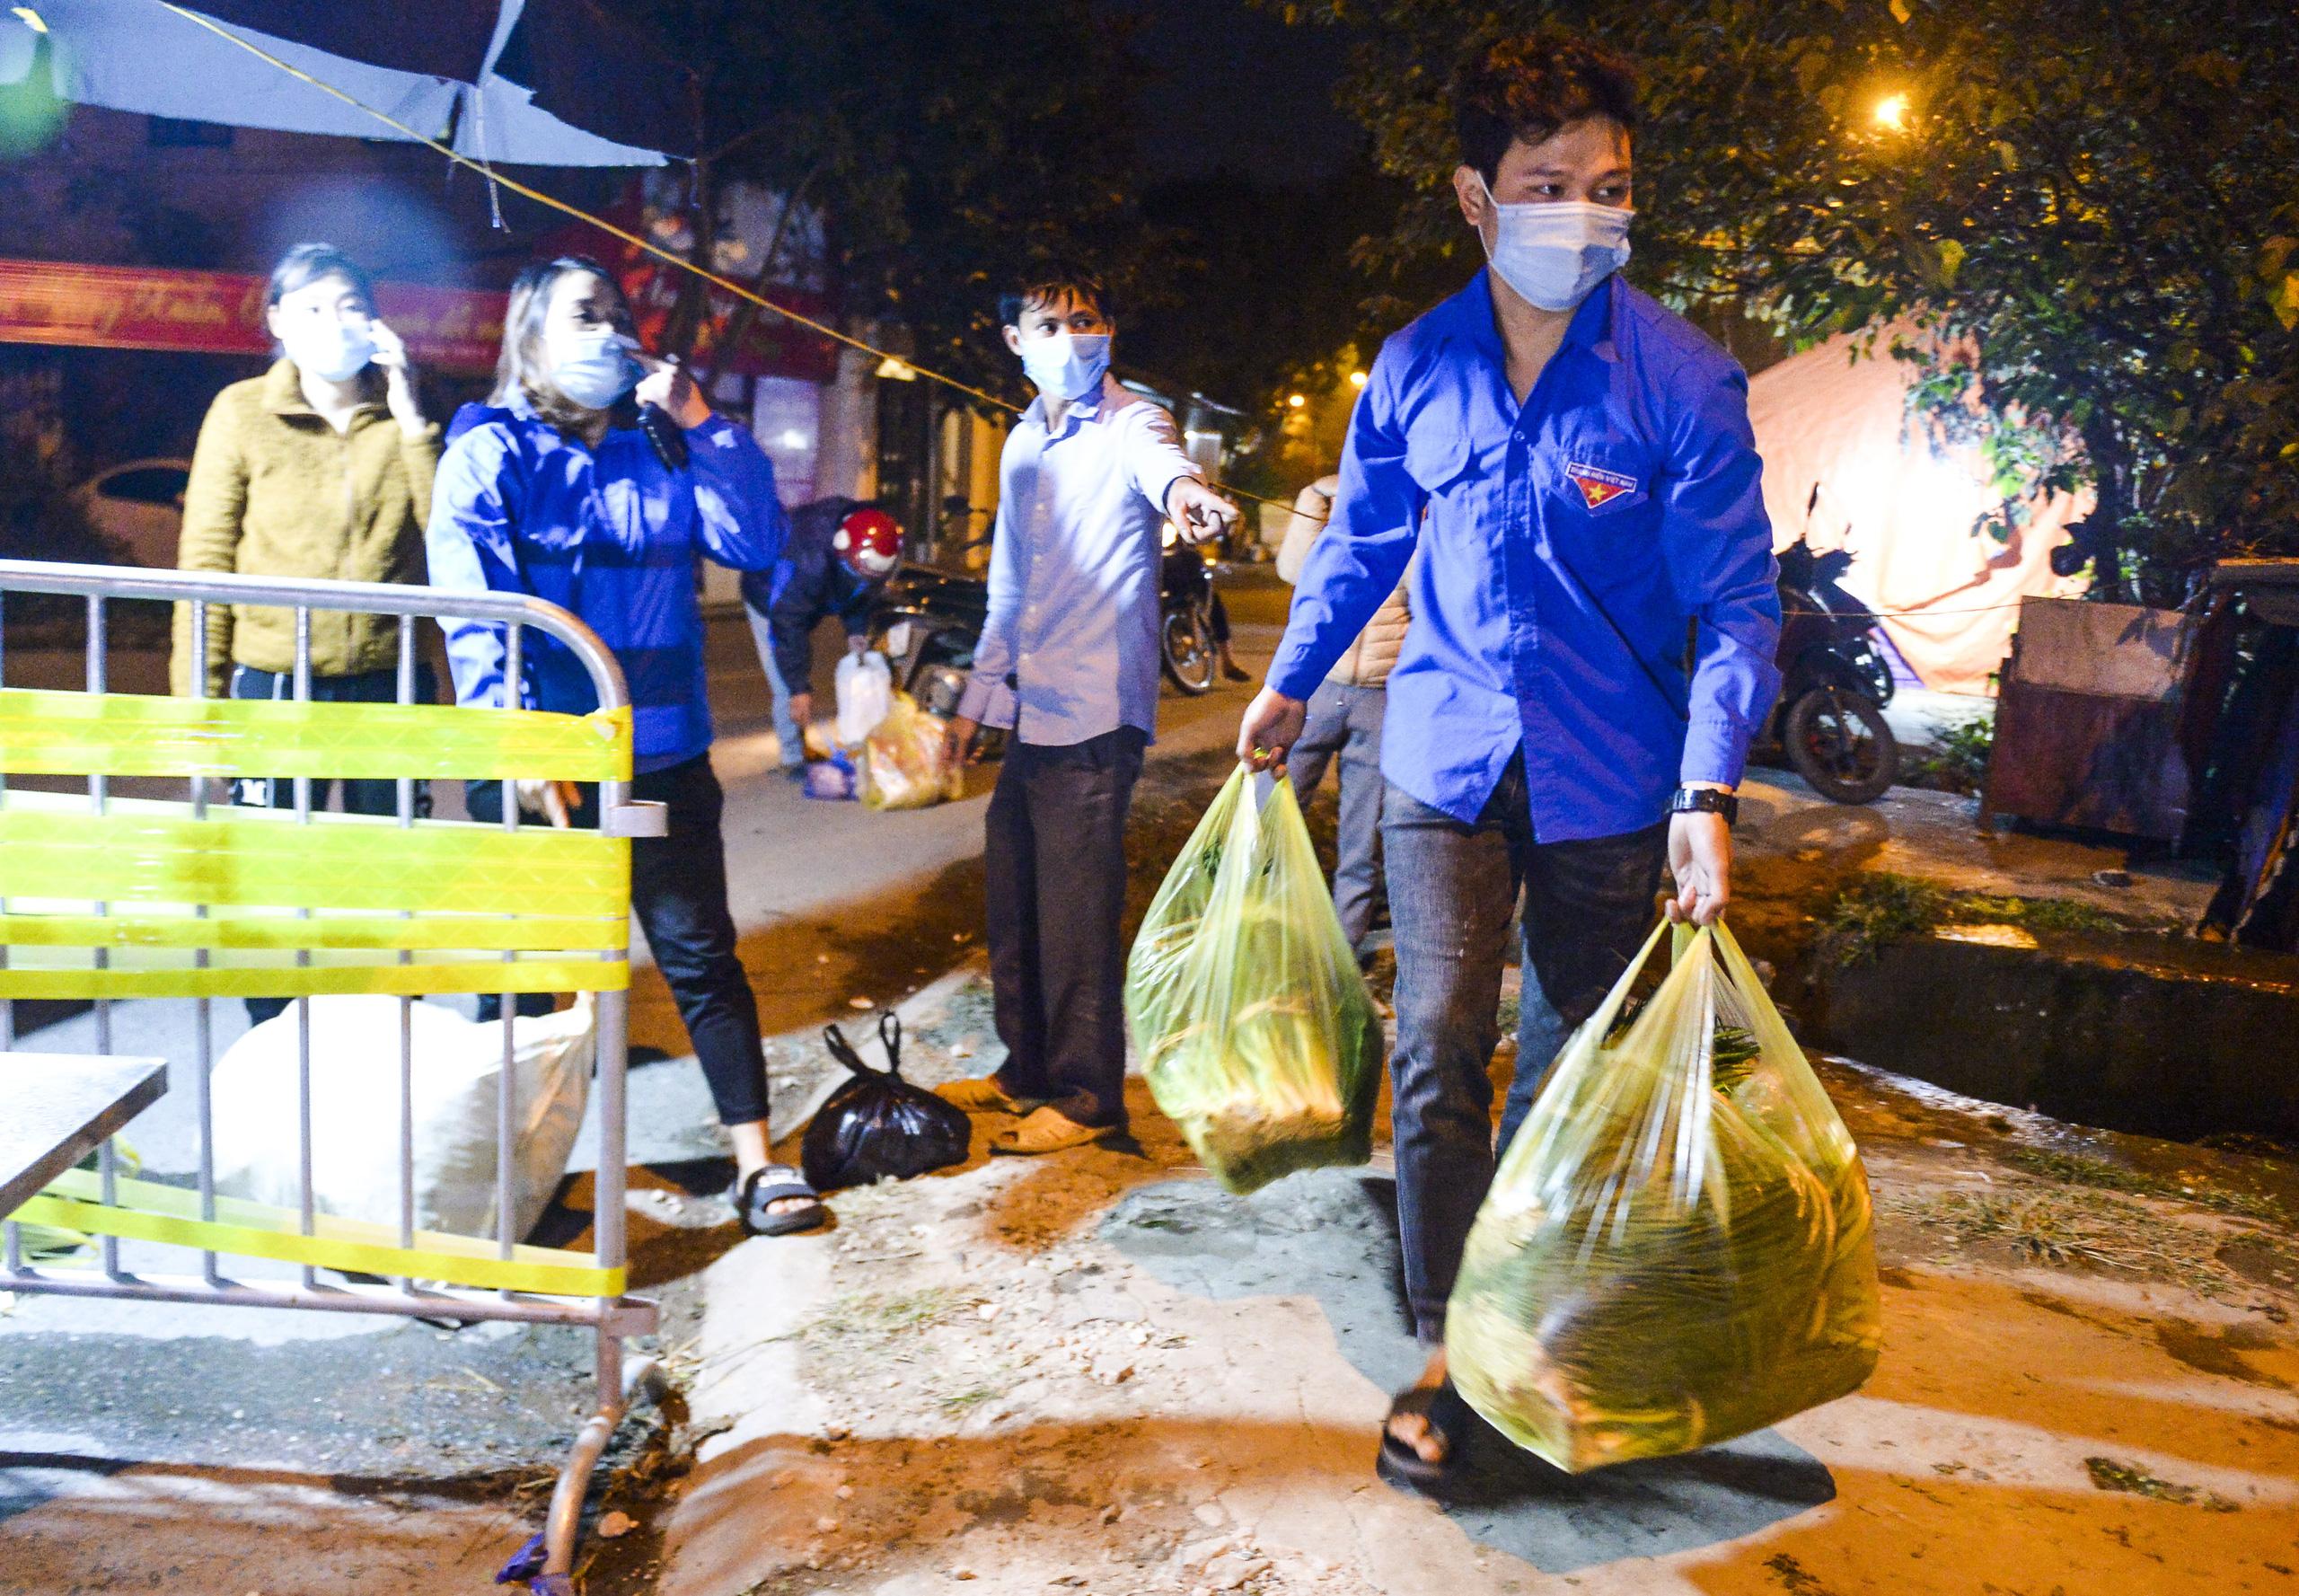 [Ảnh] Xe tuyên truyền phòng, chống COVID-19 ngày đêm đi quanh thôn có người dương tính SARS-CoV-2 ở Hà Nội - Ảnh 11.